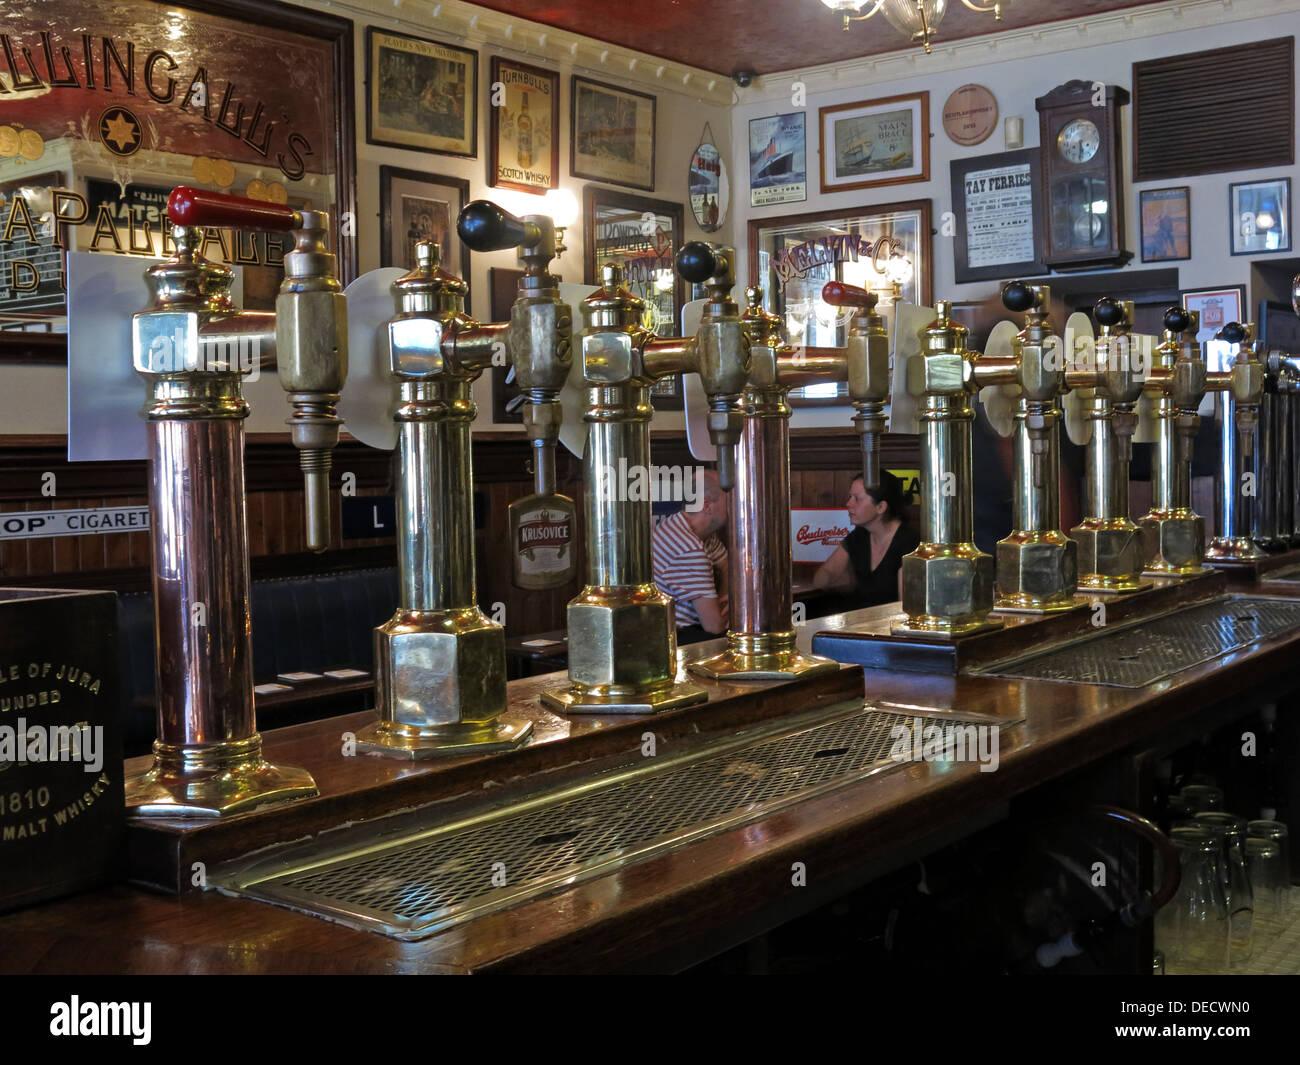 Laden Sie dieses Alamy Stockfoto Traditionelle Ale Pumpen an der Bogen-Bar, Victoria Street, Edinburgh, Scotland, UK - DECWN0